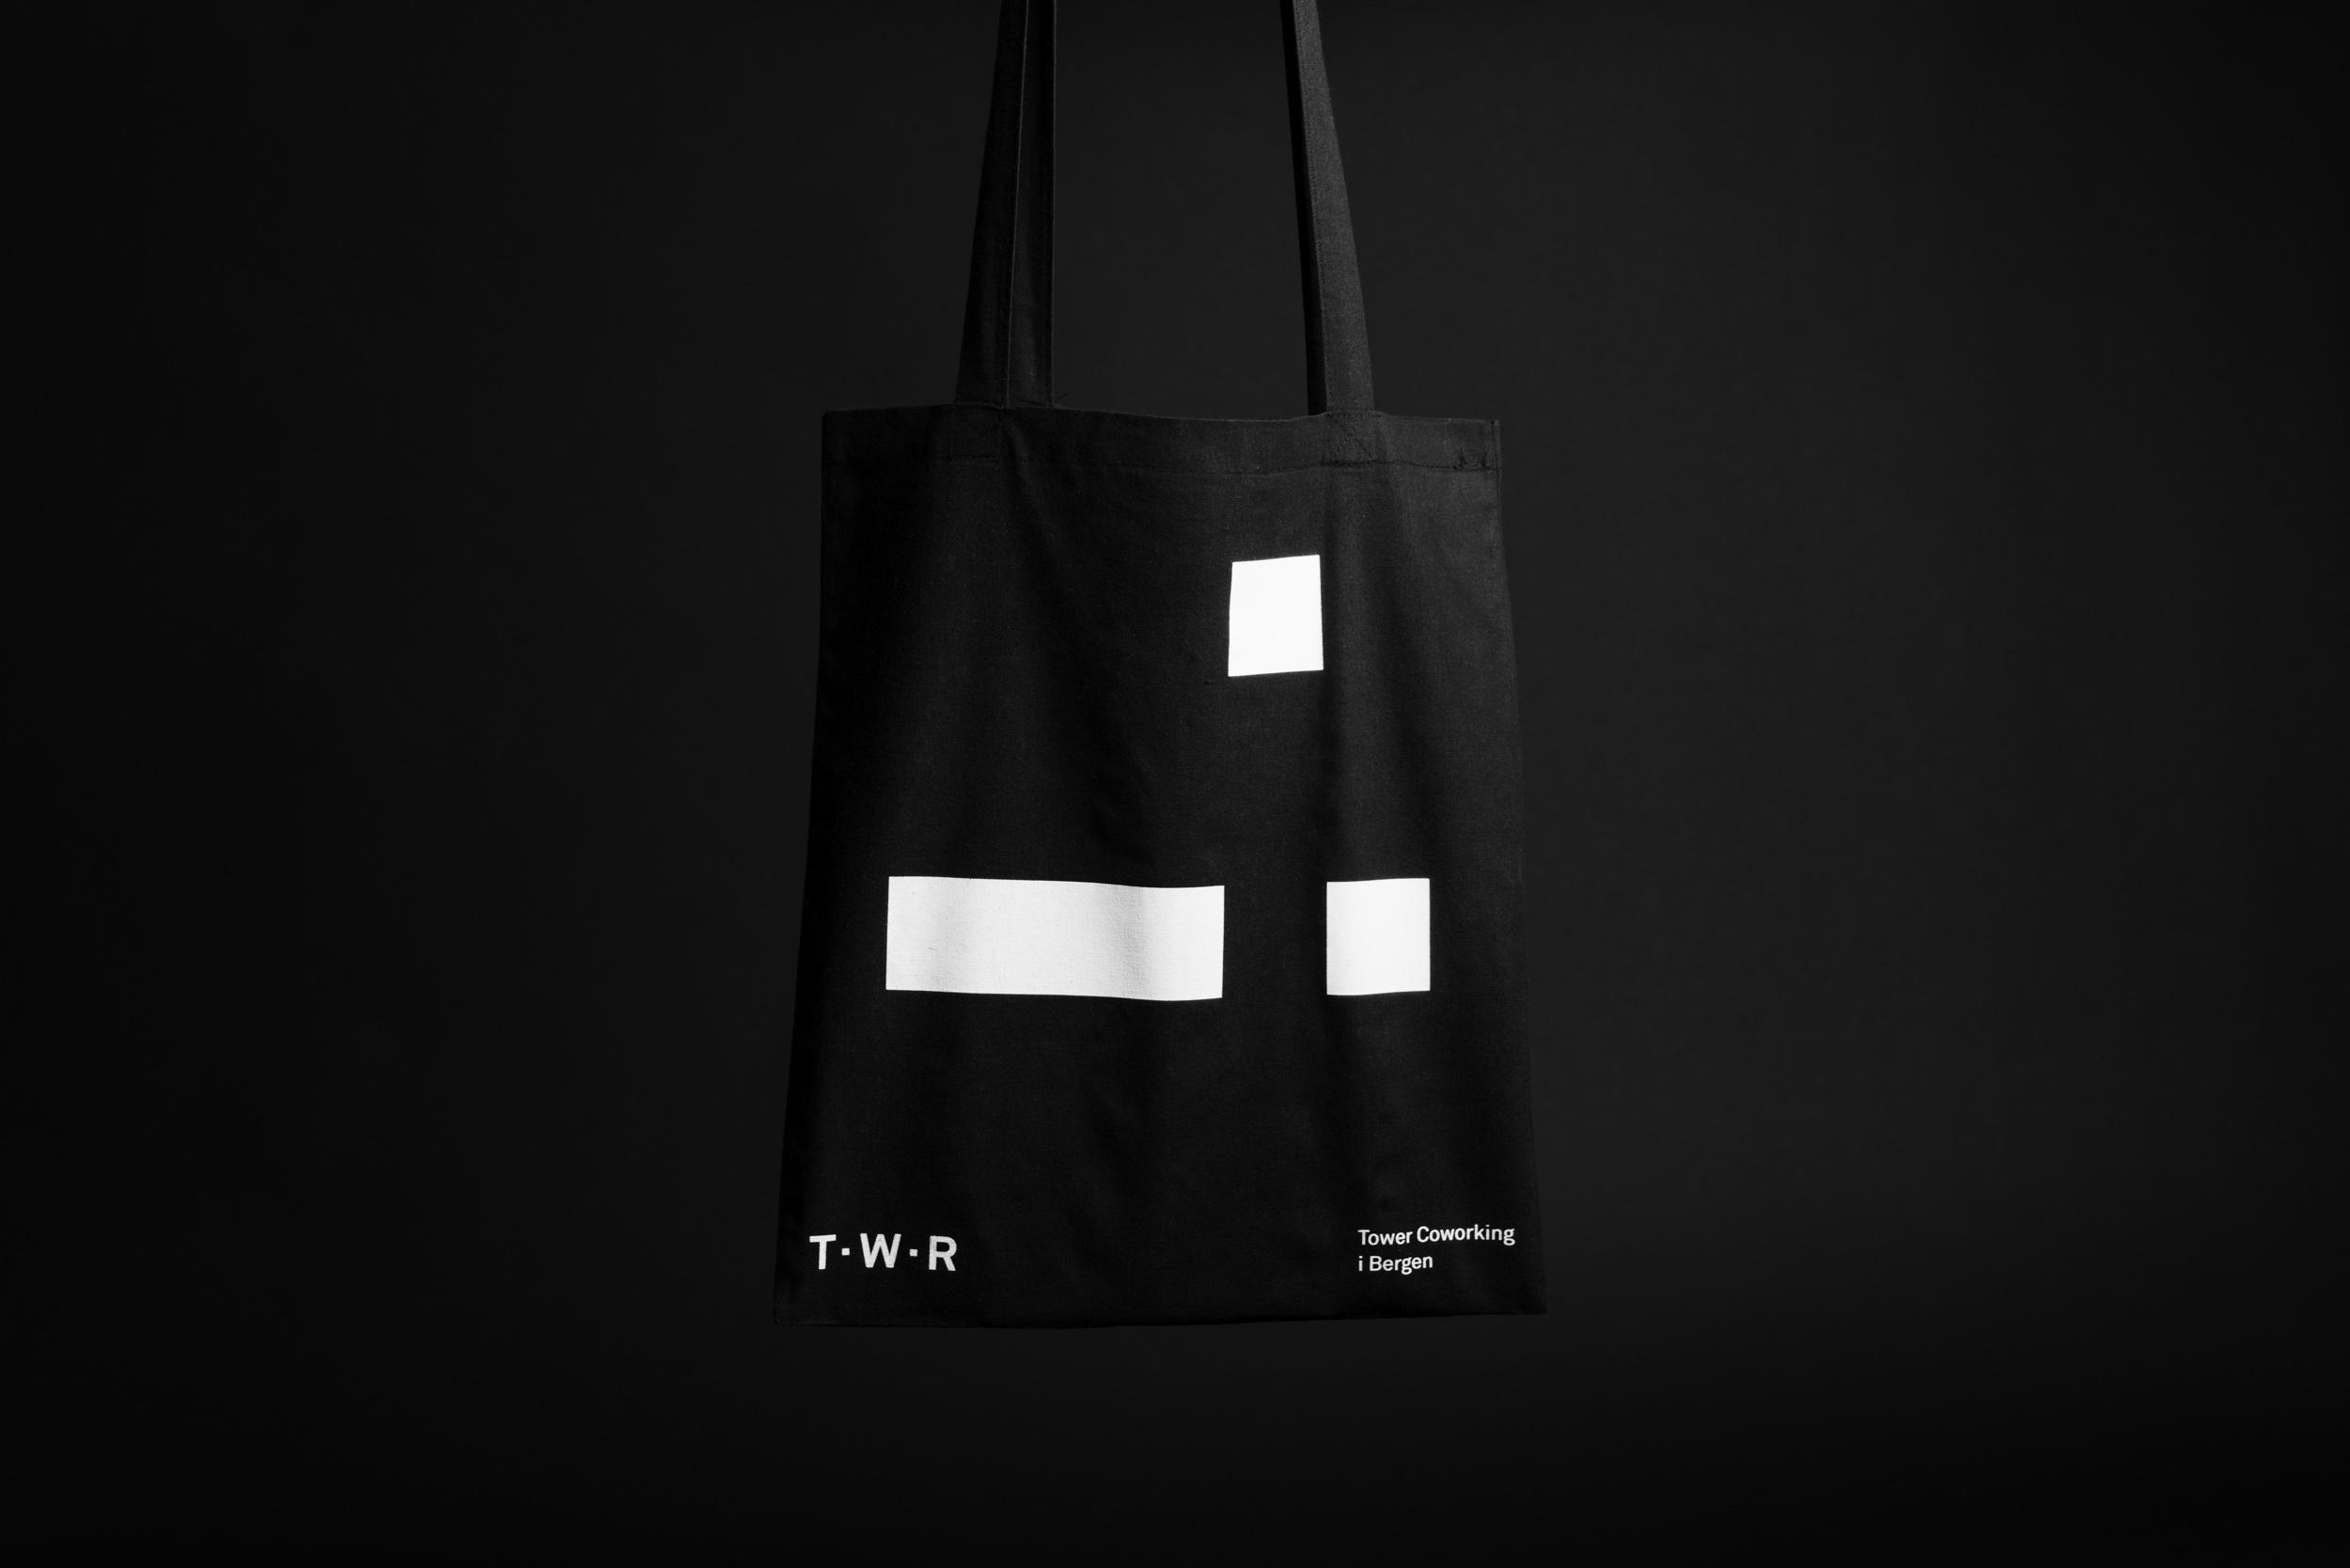 Tower Coworking Branding Studio-5.jpg